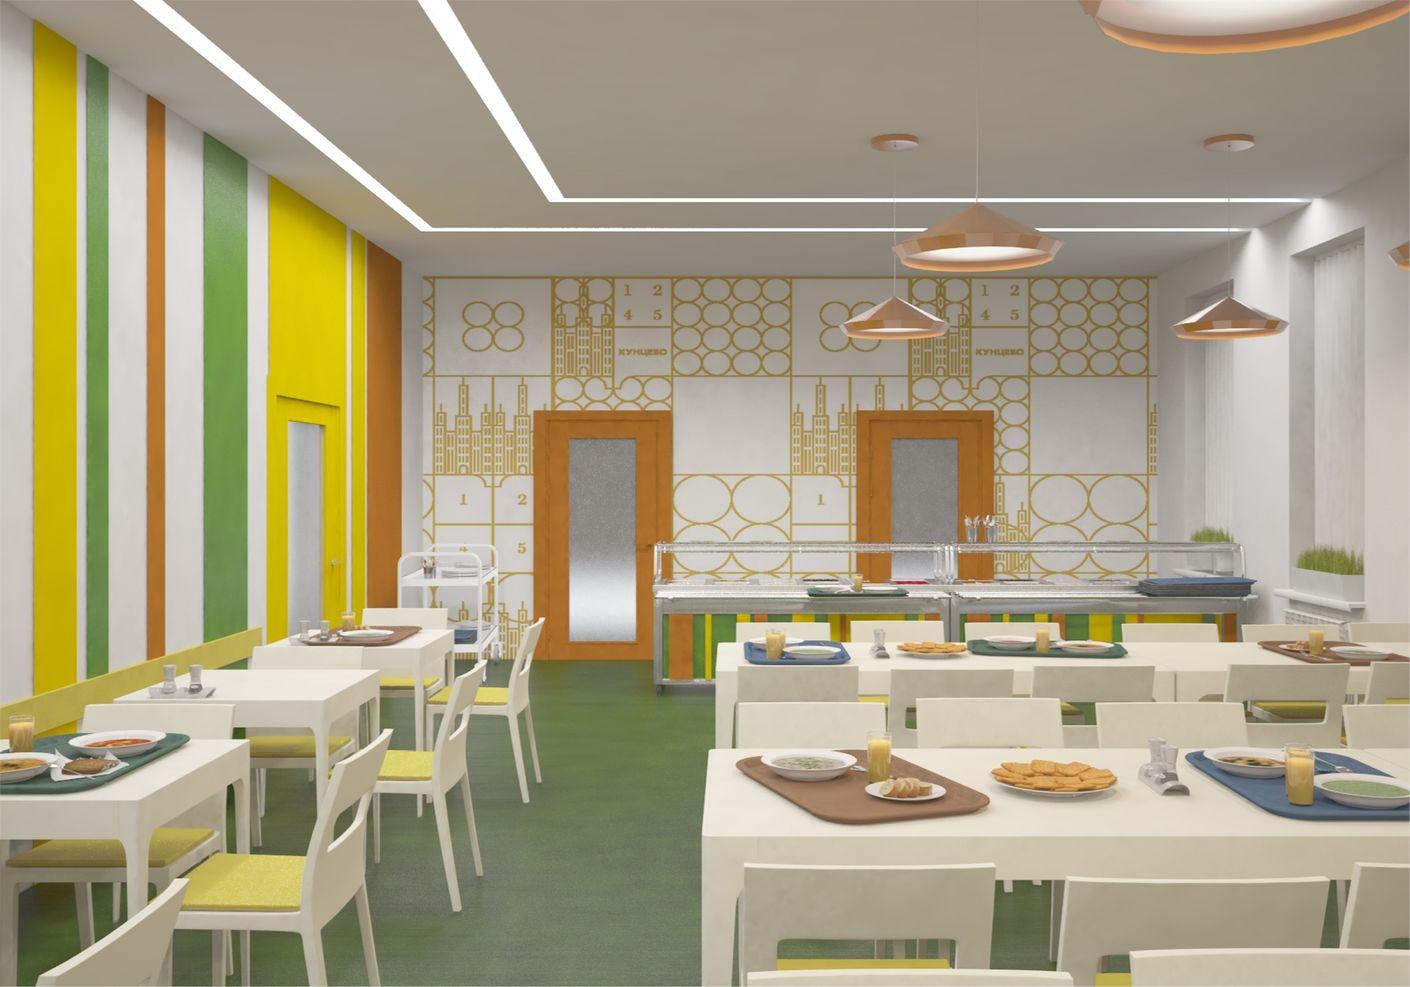 Концепции реконструкции и дизайна московских школ Лаборатория дизайна НИУВШЭ - hsedesignlab.ru